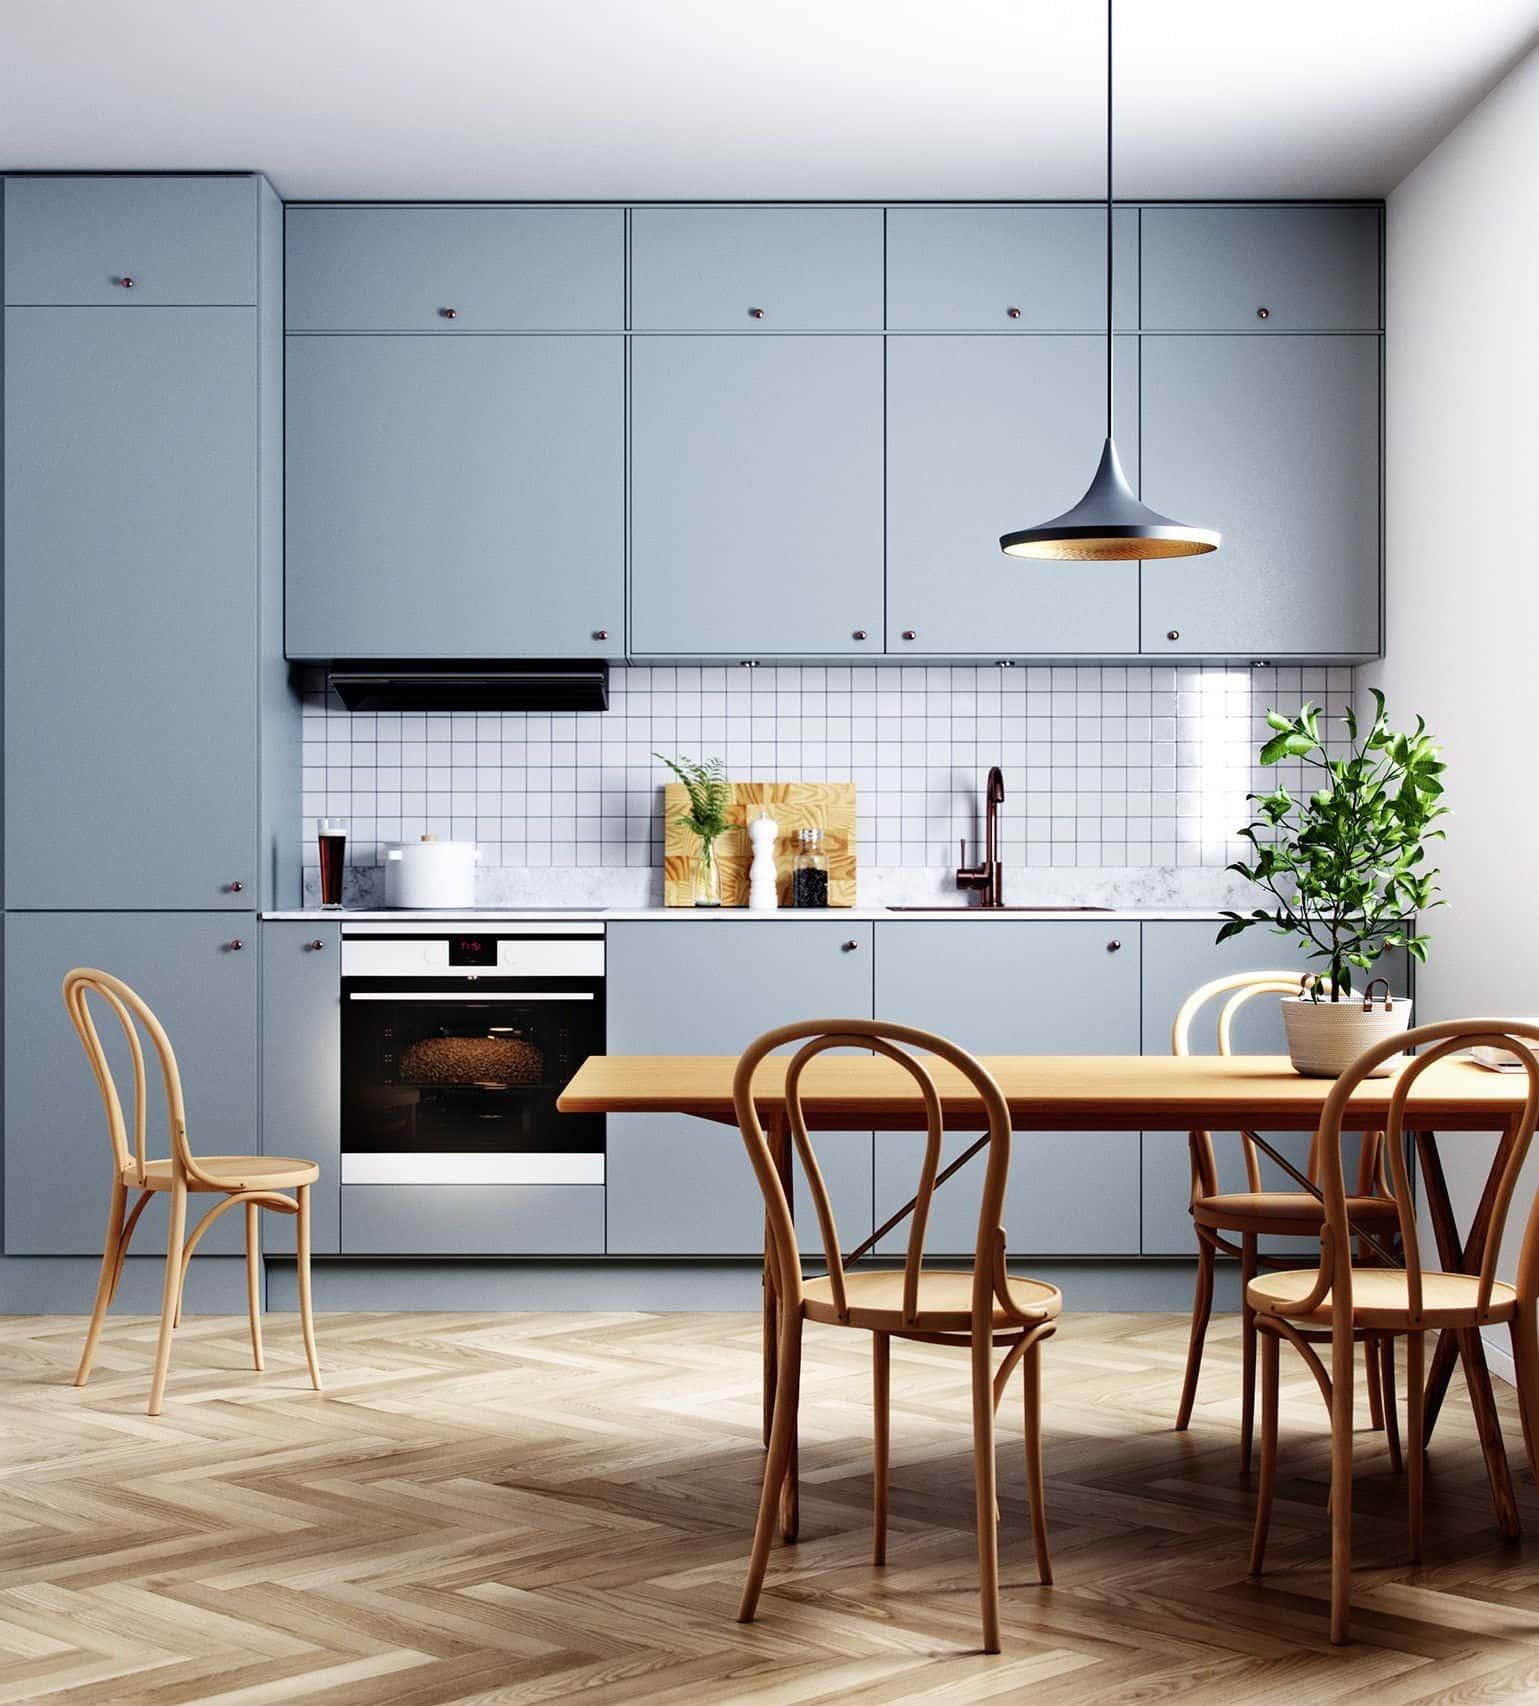 Гармоничное сочетания цвета пола и кухонного гарнитура - является признаком хорошего тона и безупречного вкуса владельца